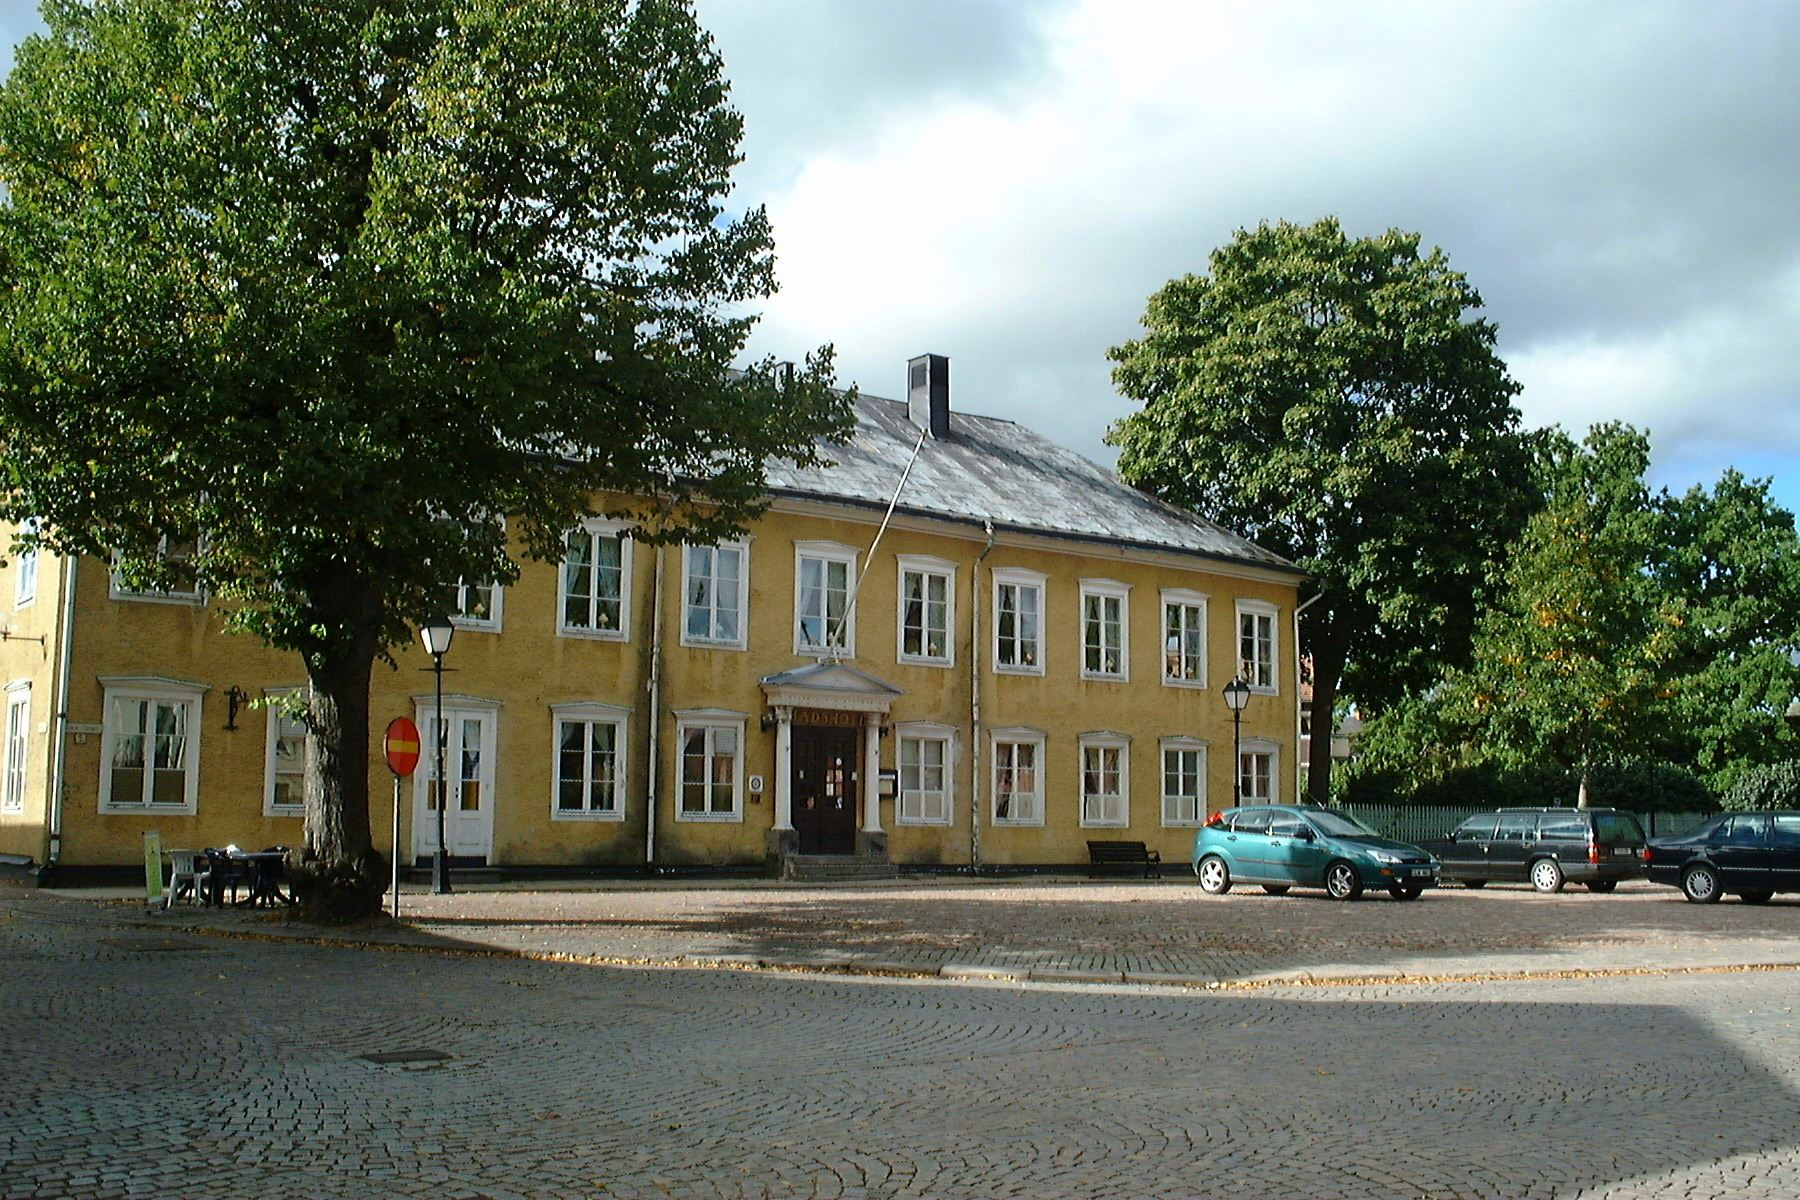 Hedemora Stadshotell